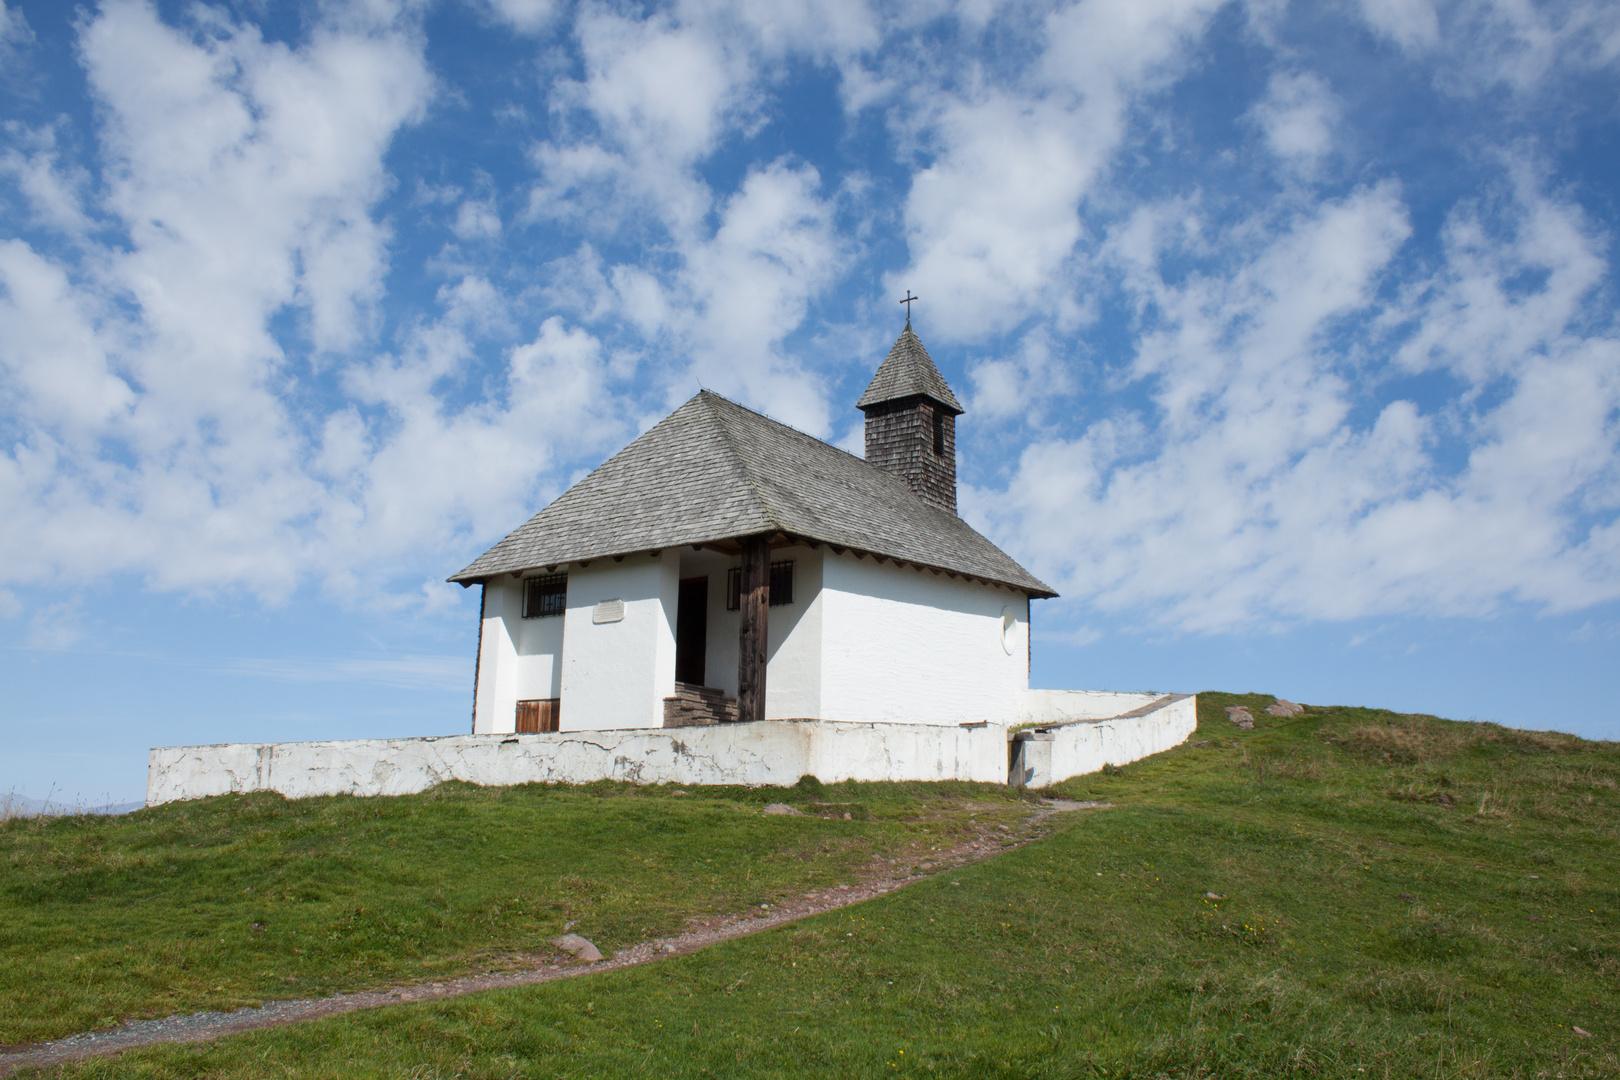 St. Bernhard Kapelle, Hahnenkamm, Kitzbühel, Tirol